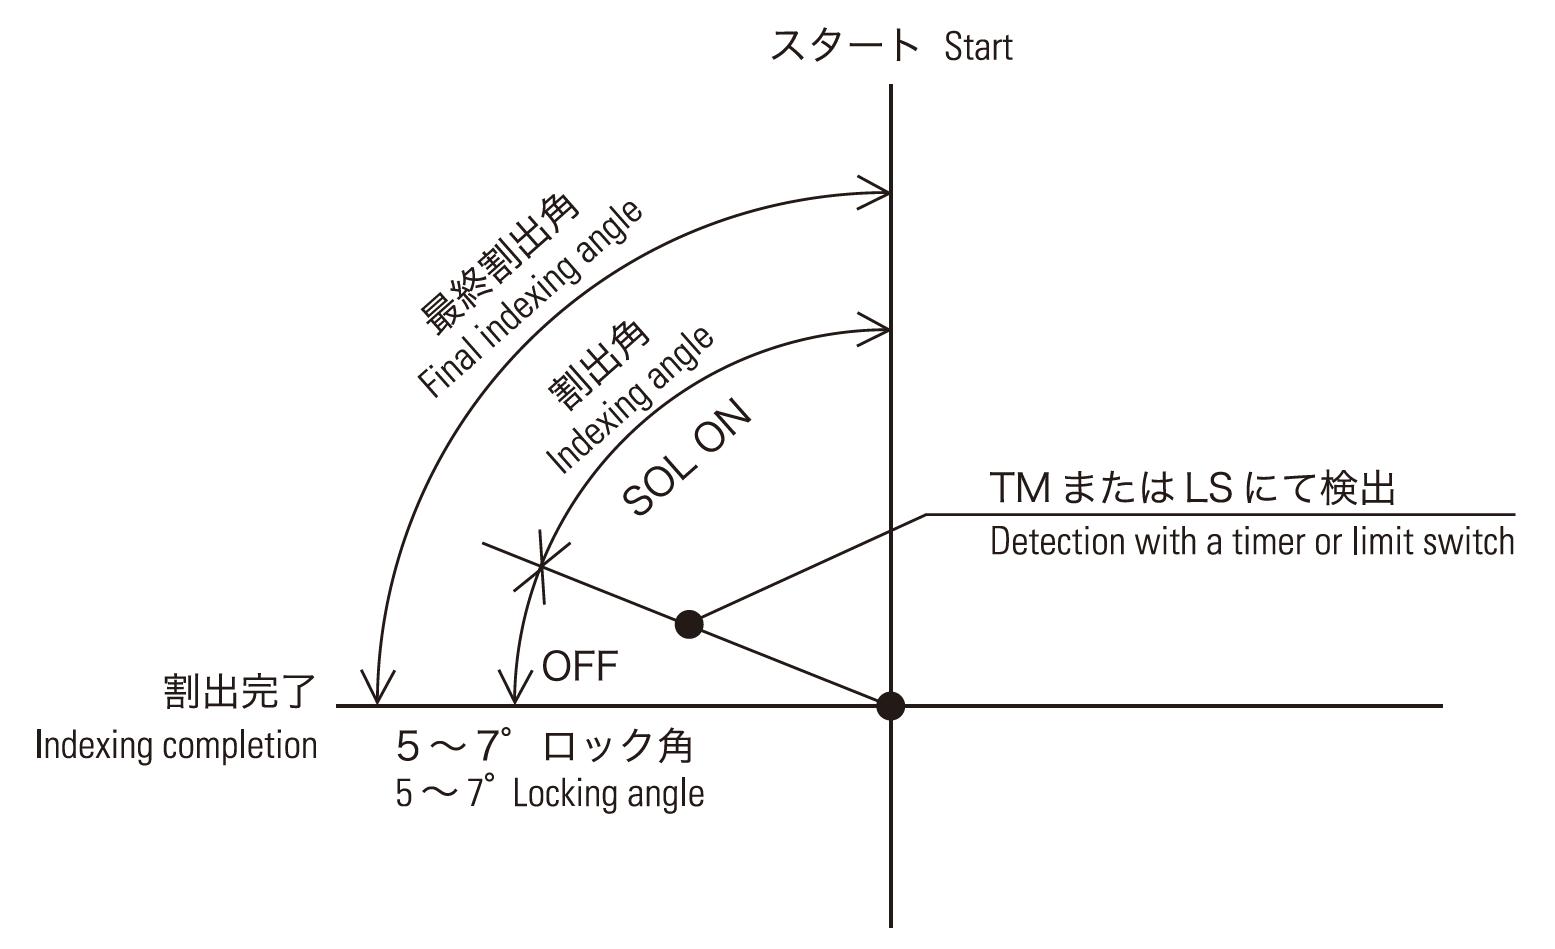 ミニテーブル動作図